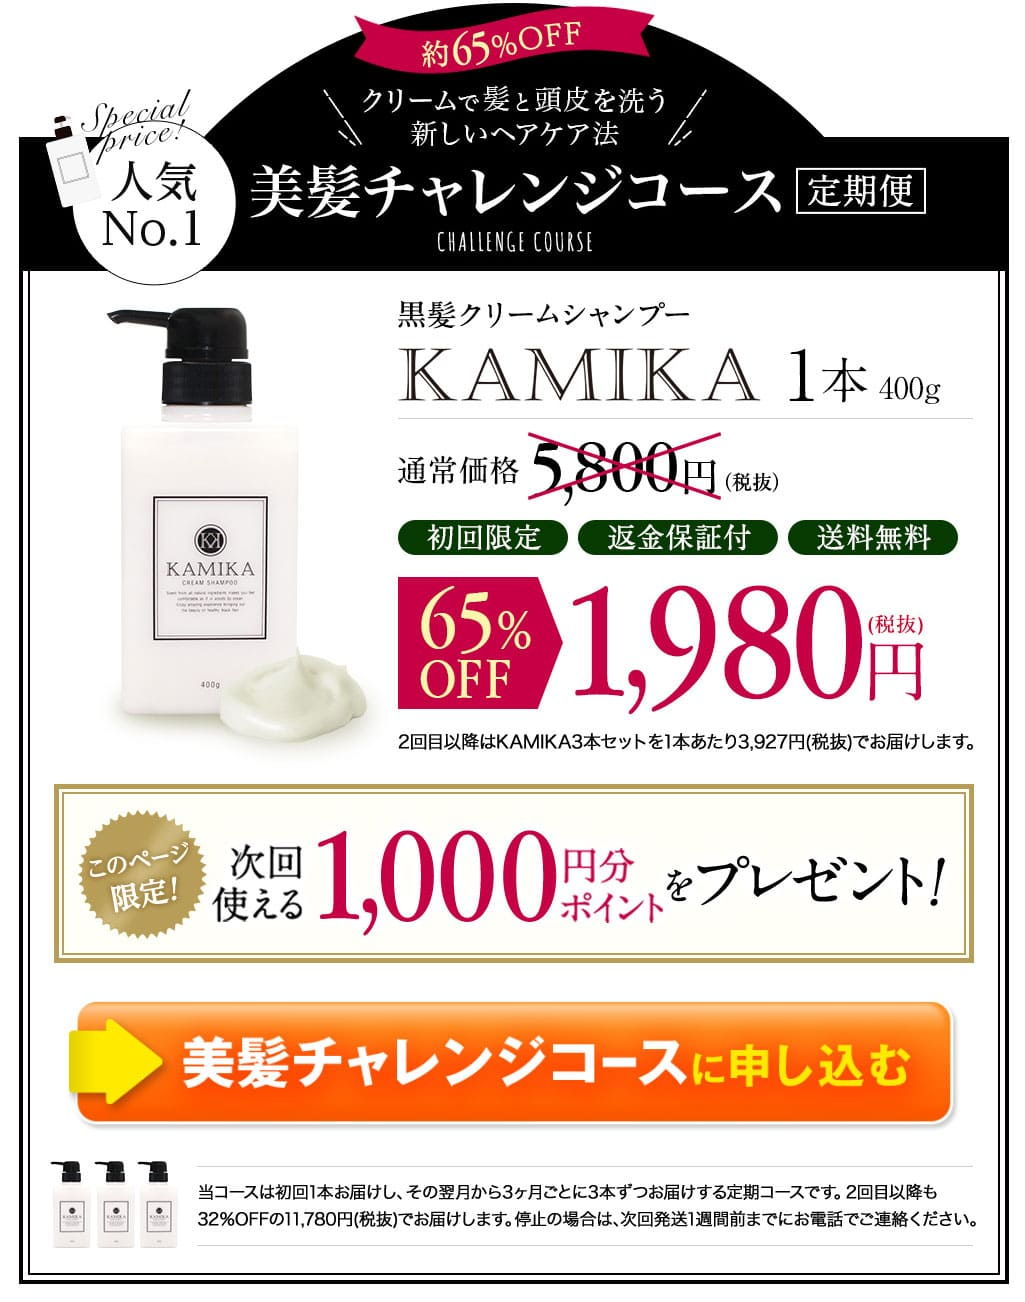 【カミカ(Kamika)シャンプー解約】回数縛りは?解約方法はカンタン?定期コース退会の電話番号/マイページのログイン手順